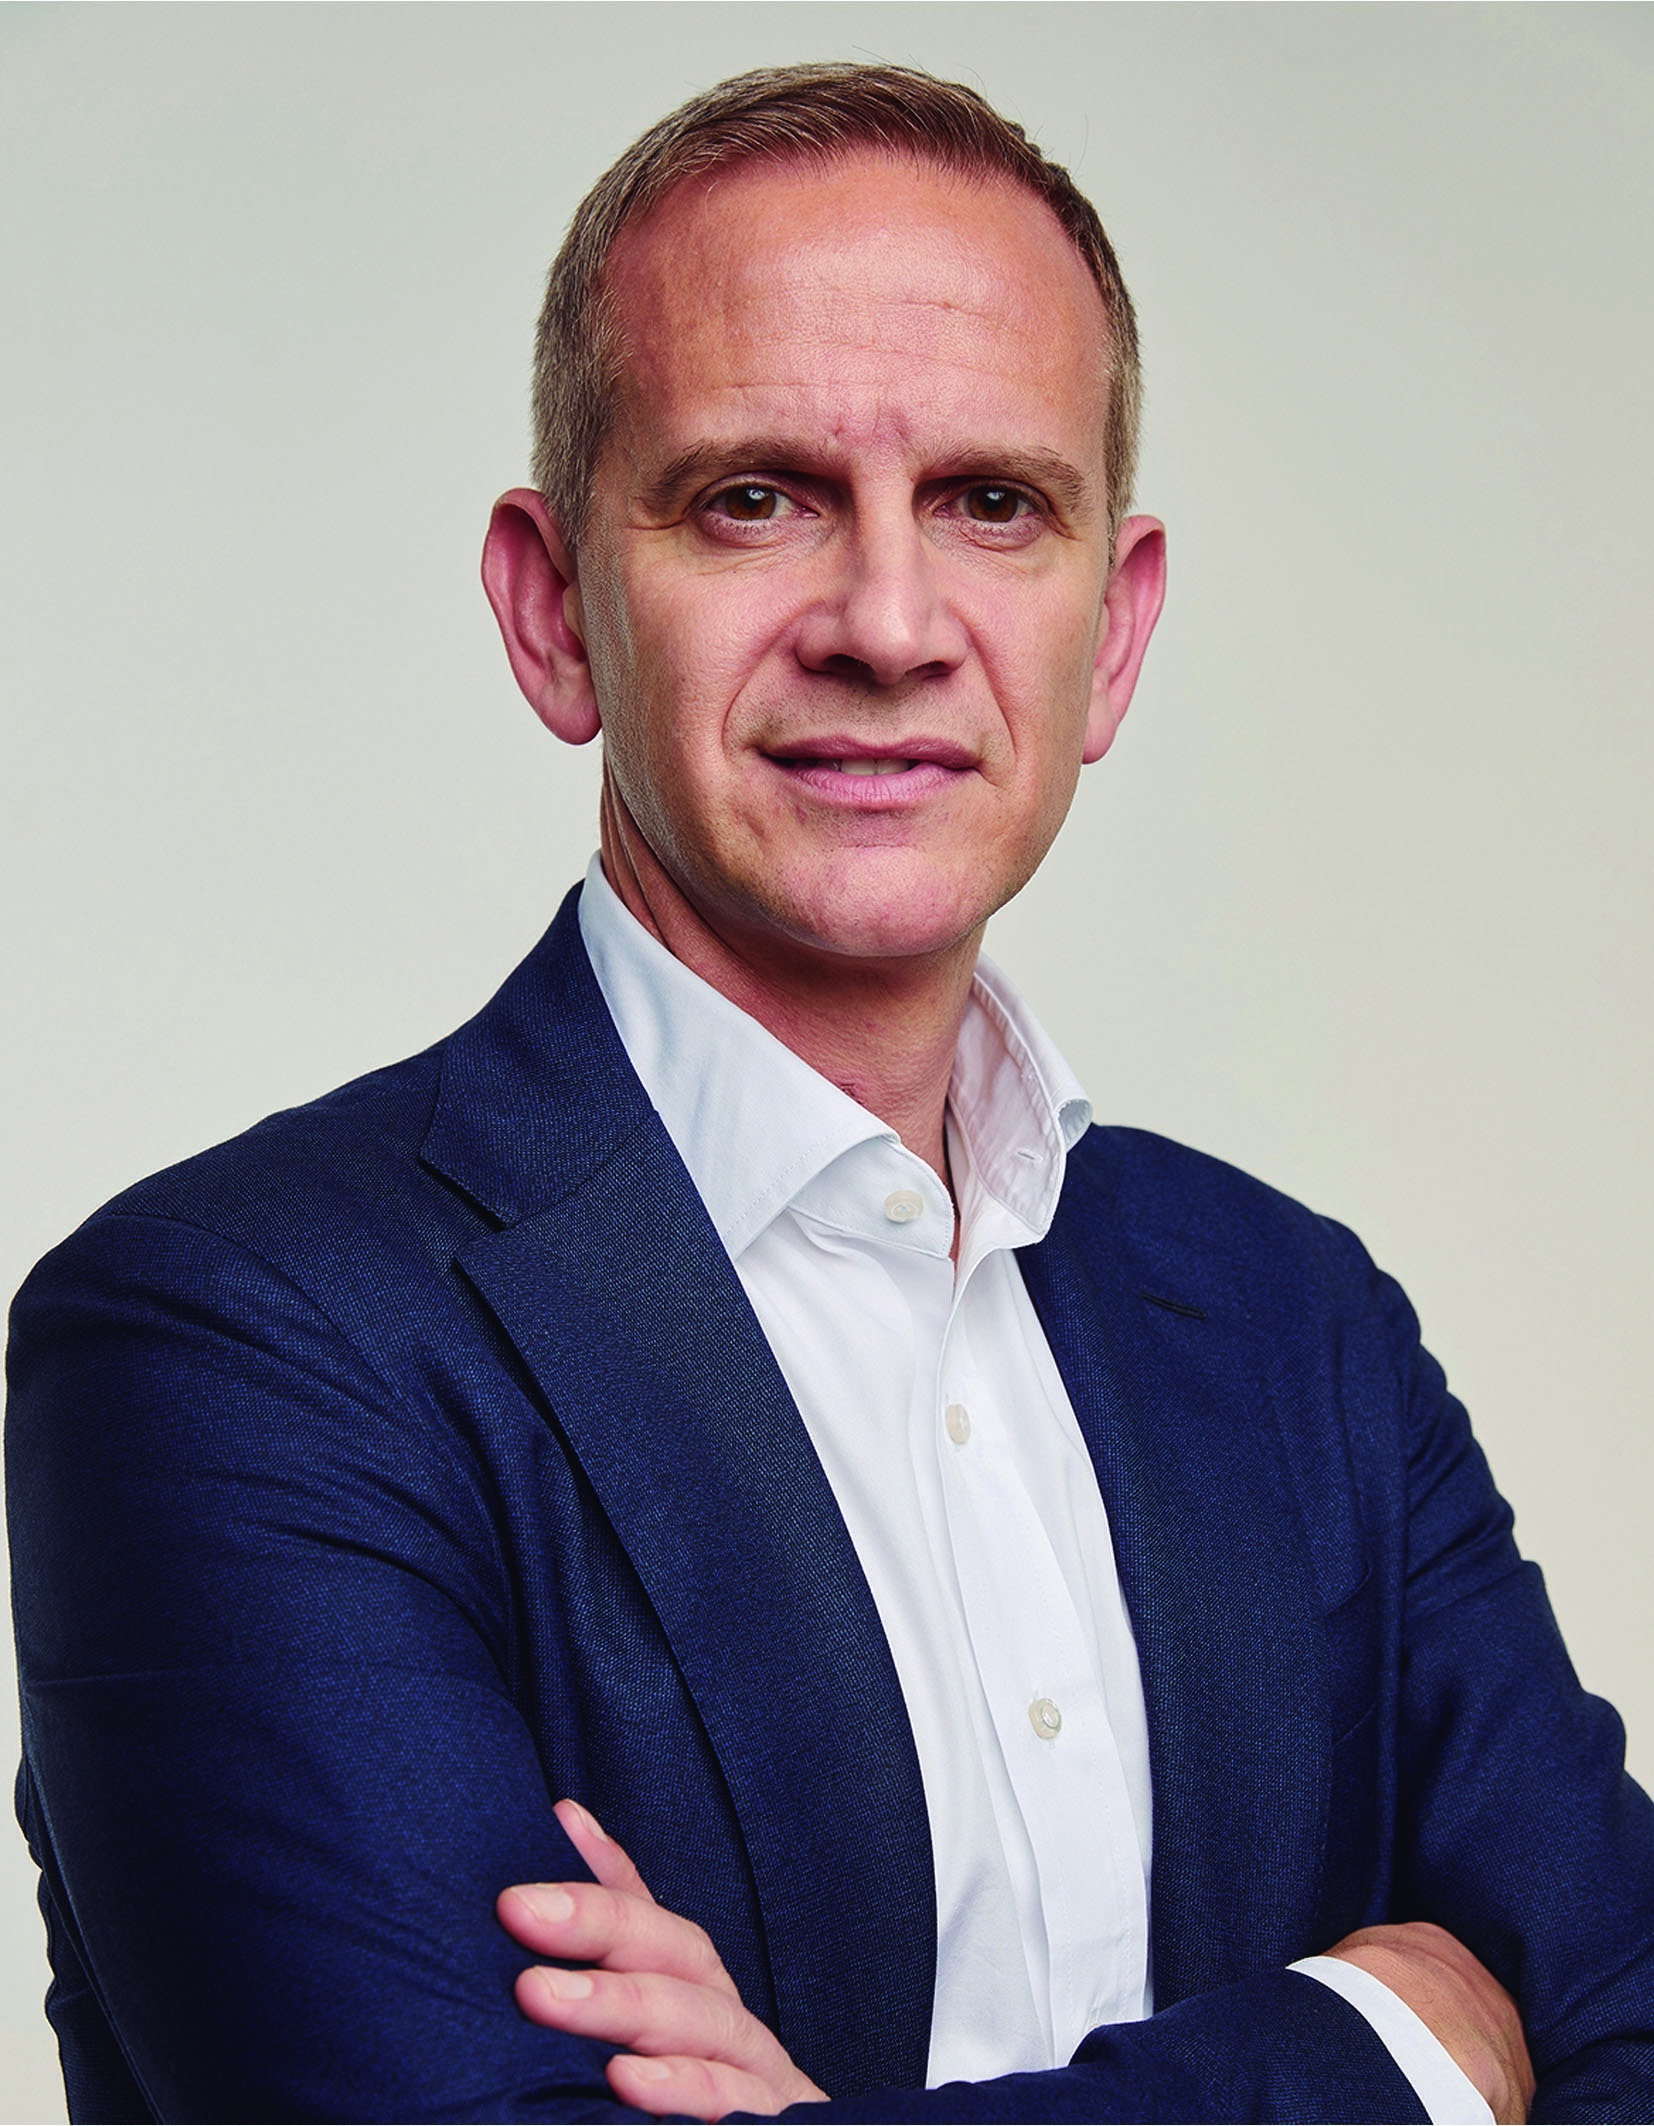 carlos-crespo-conseller-delegat-inditex-INDITEX